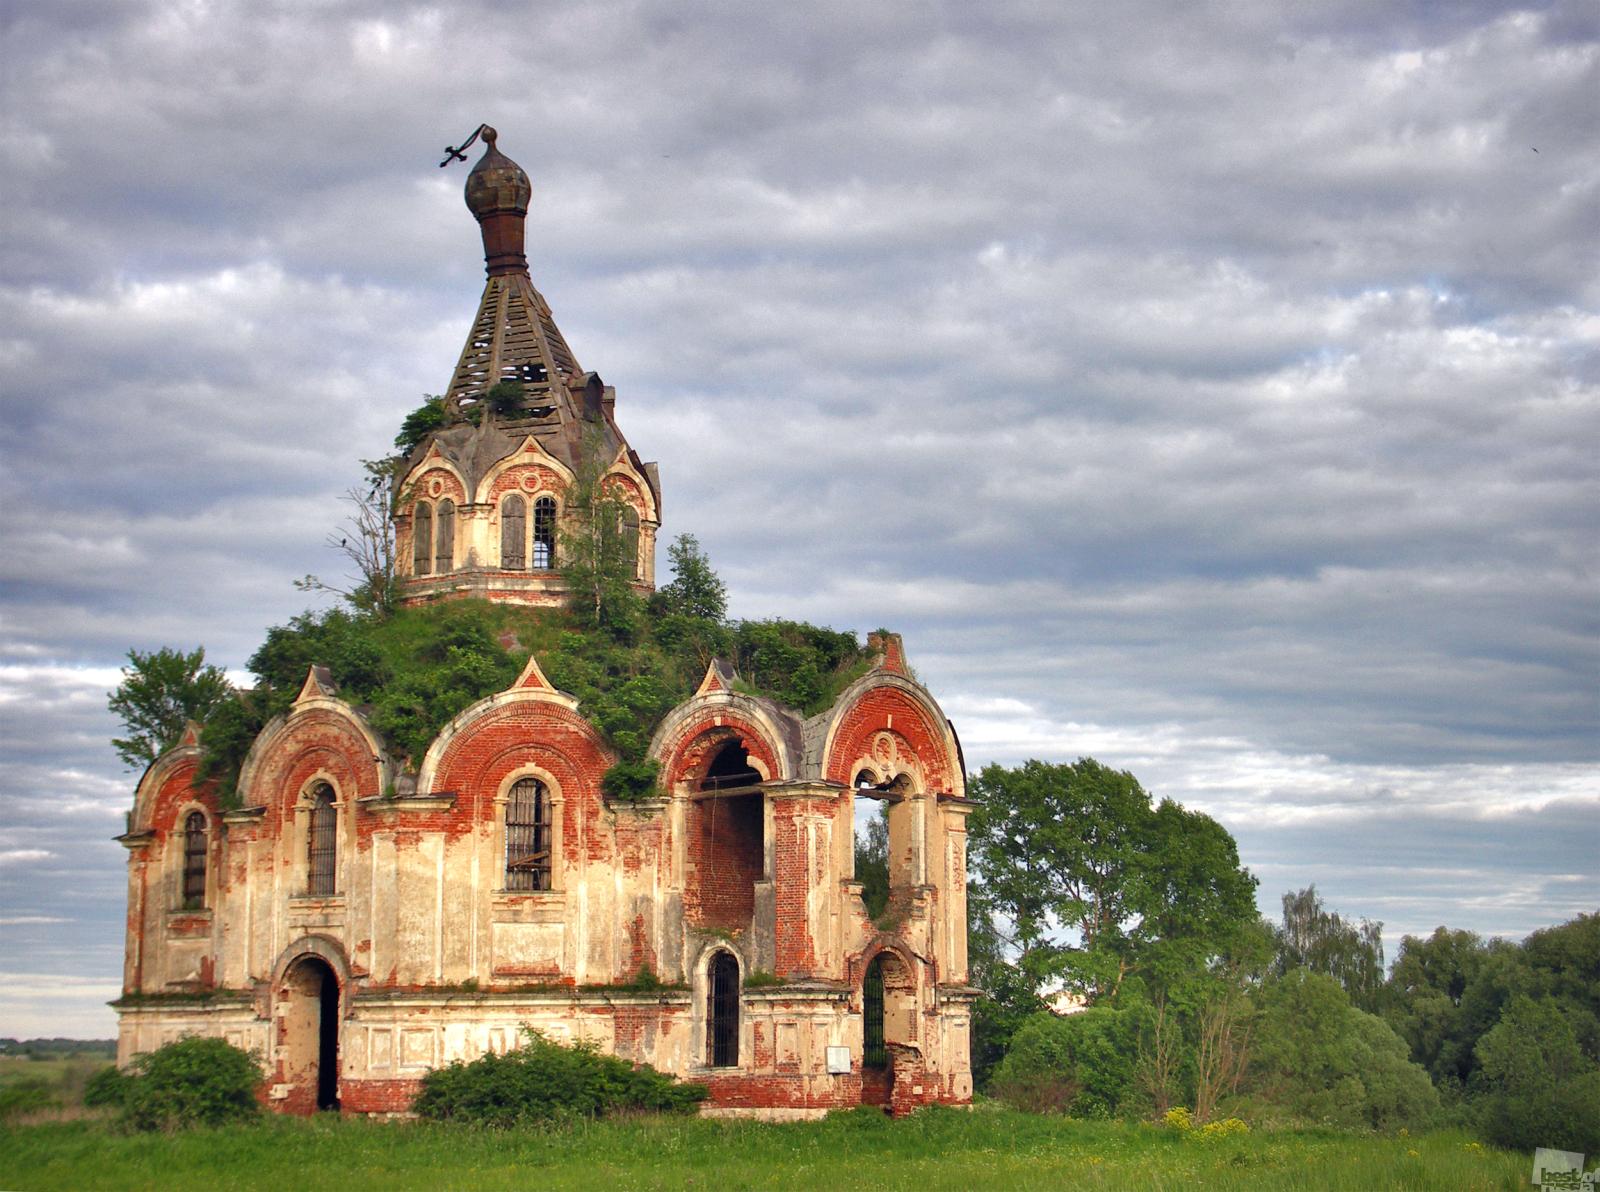 Manche architektonischen Objekte fügen sich harmonisch in die Landschaft. // An vielen Orten in Zentralrussland gab es einmal sehr große Dörfer. Die Bauernhäuser und ihre Bewohner sind wieder zu Erde geworden. Die Kirchen erinnern noch daran, wie viele Menschen einmal in dieser Region gelebt haben. Ein Flussbogen. Gebiet Twer